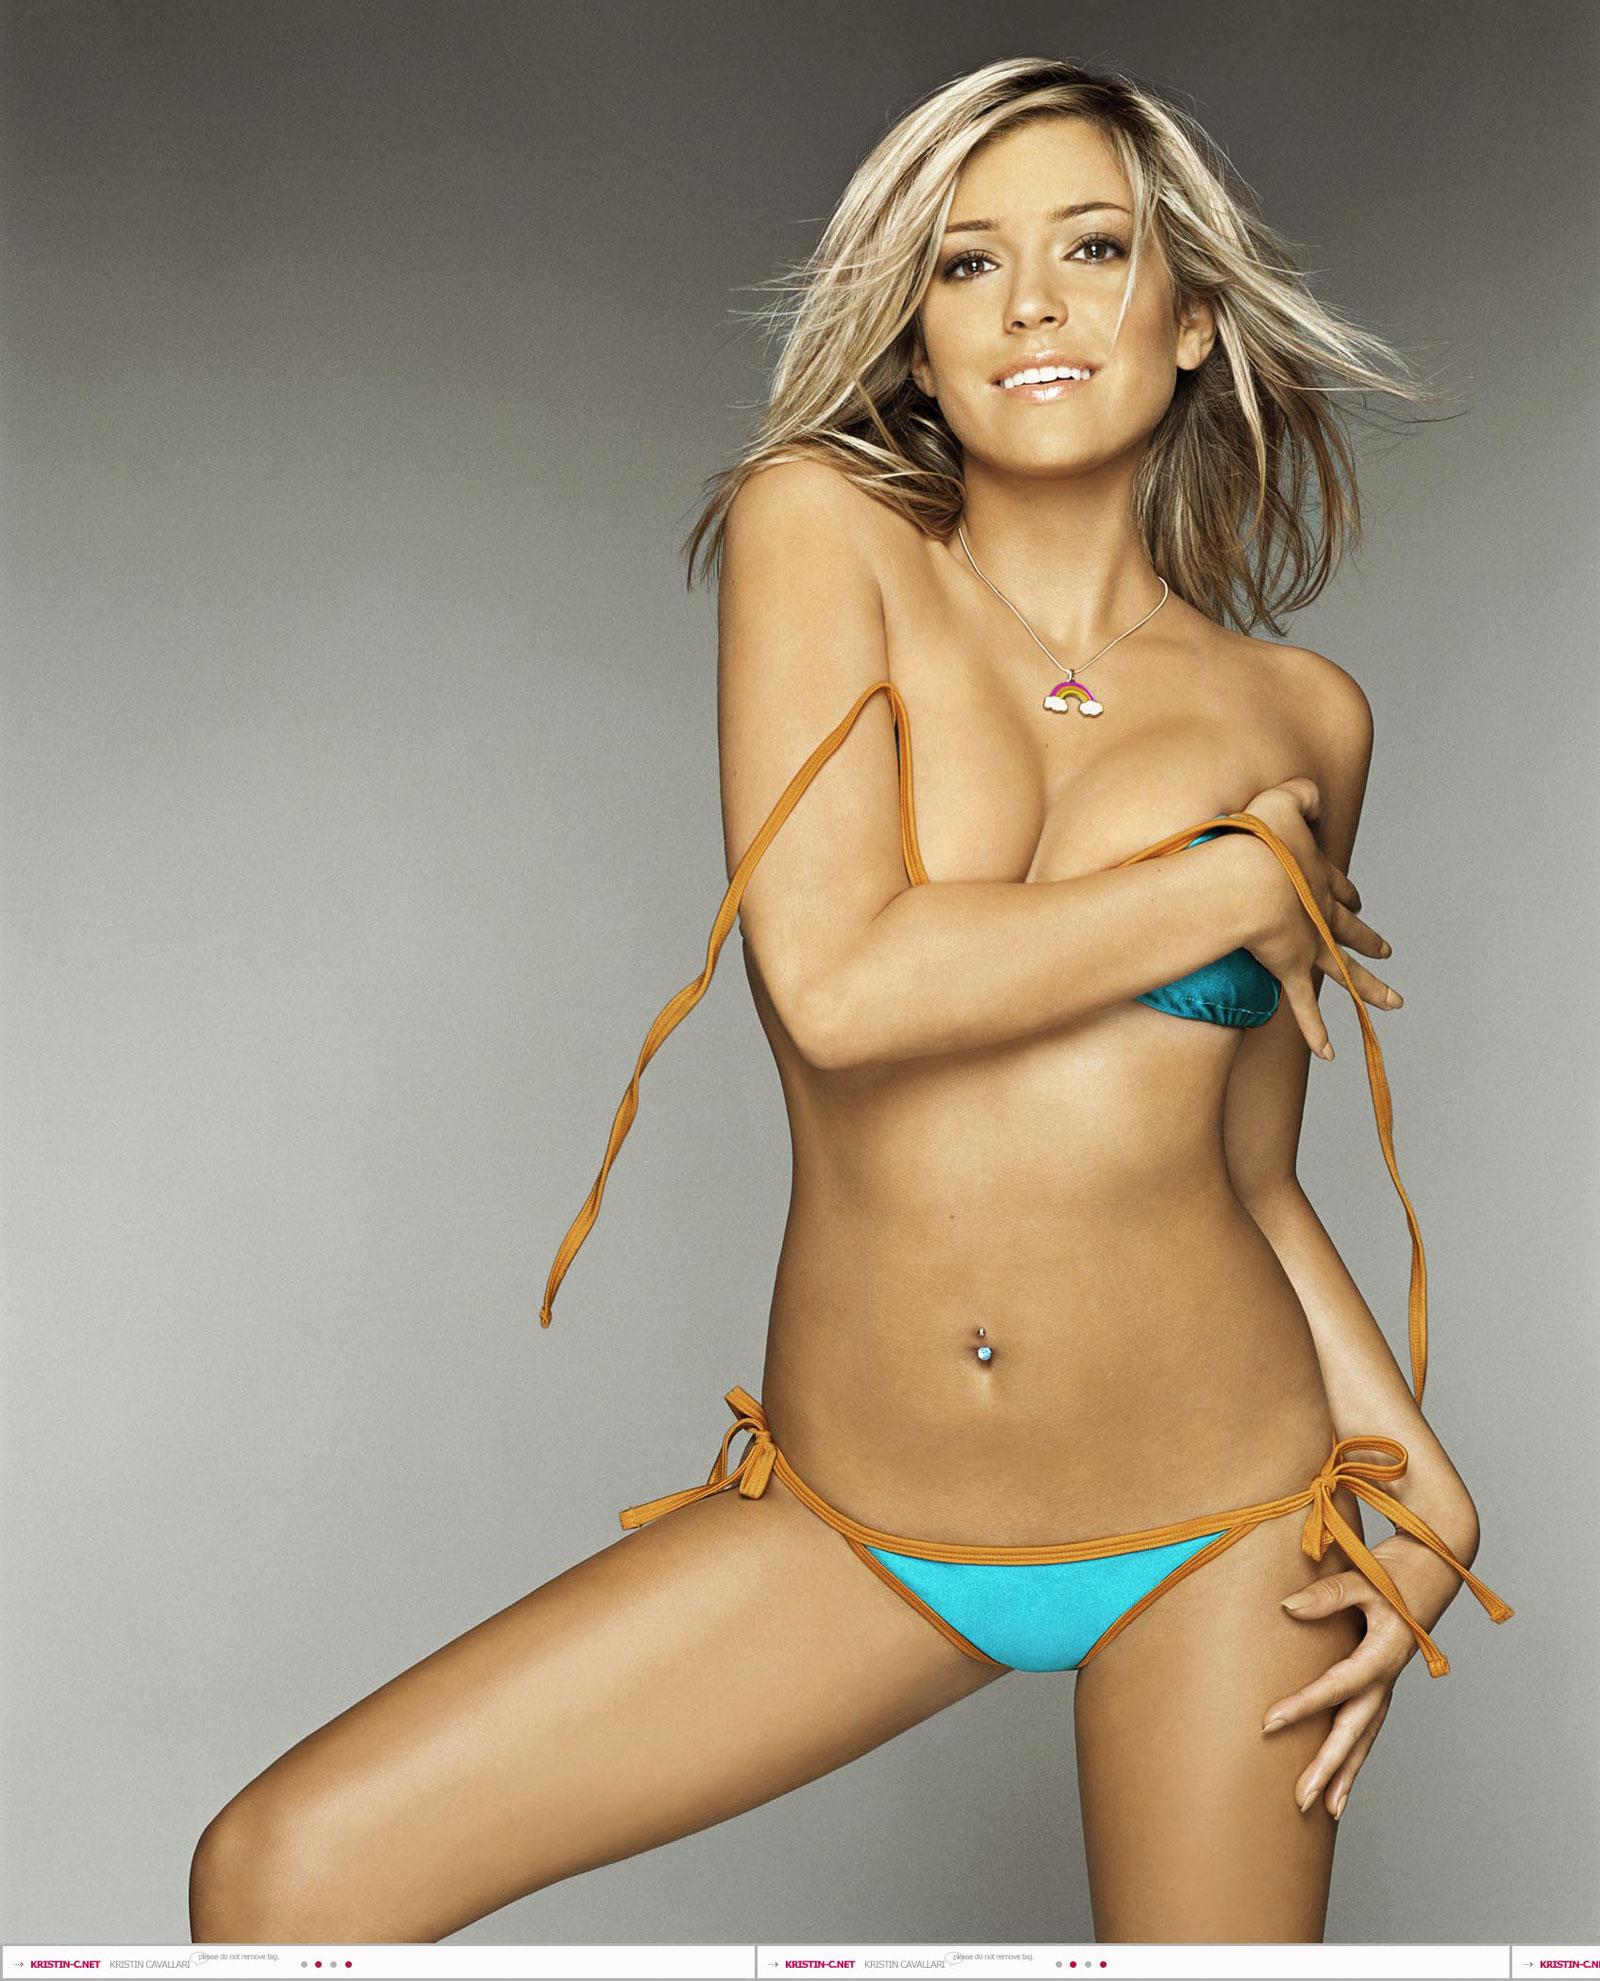 Kristin cavallari in a bikini